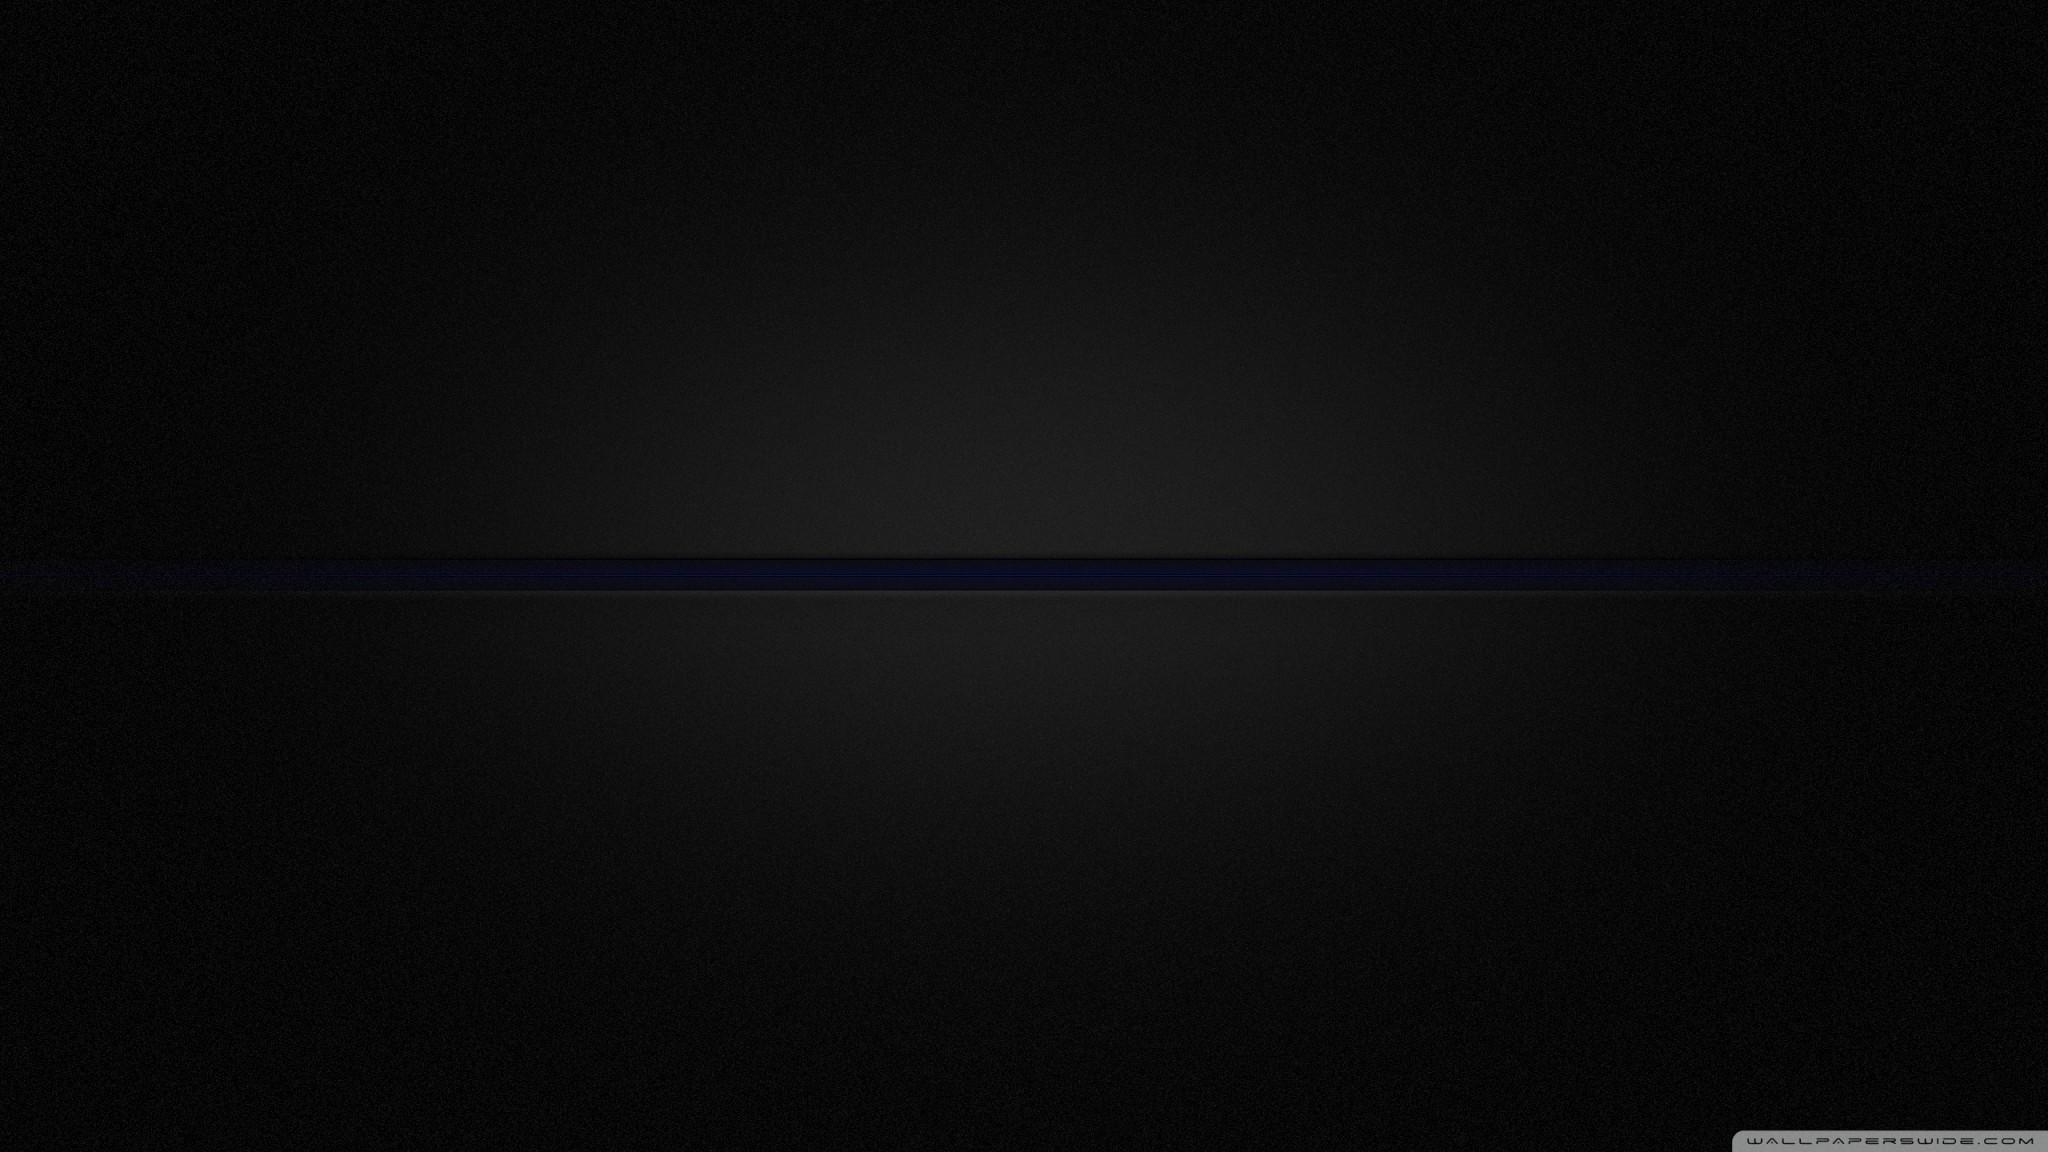 2048x1152 Background Image